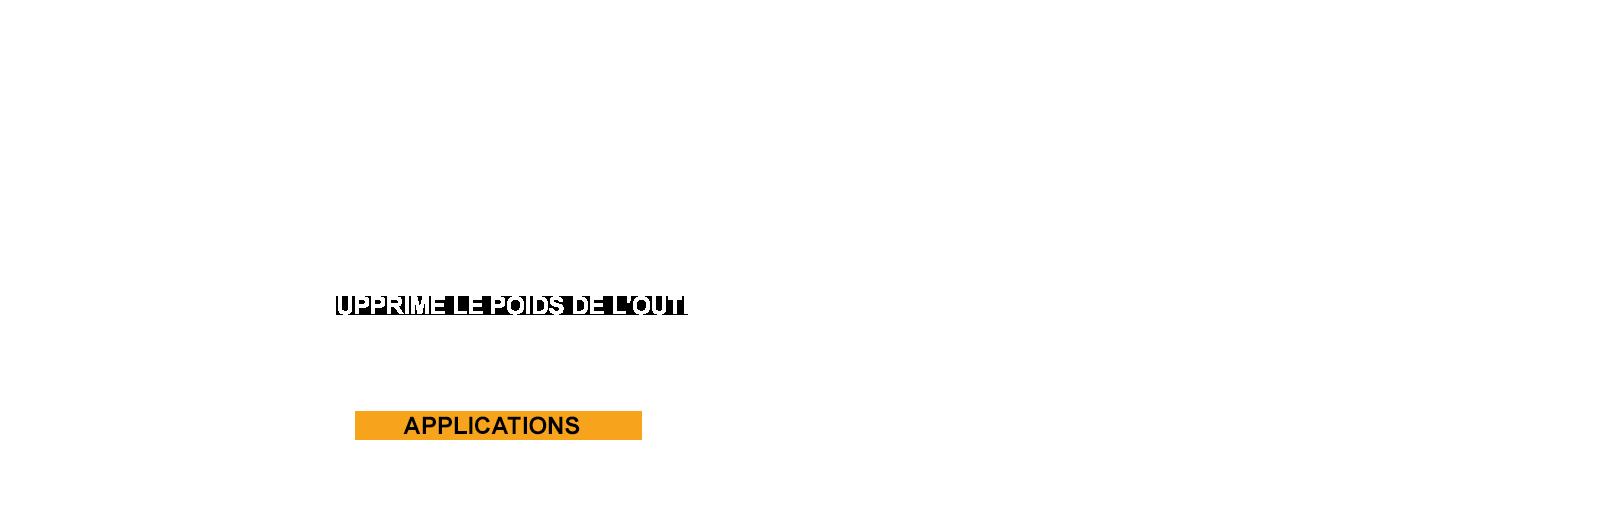 SUPPRIME LE POIDS DE L'OUTIL